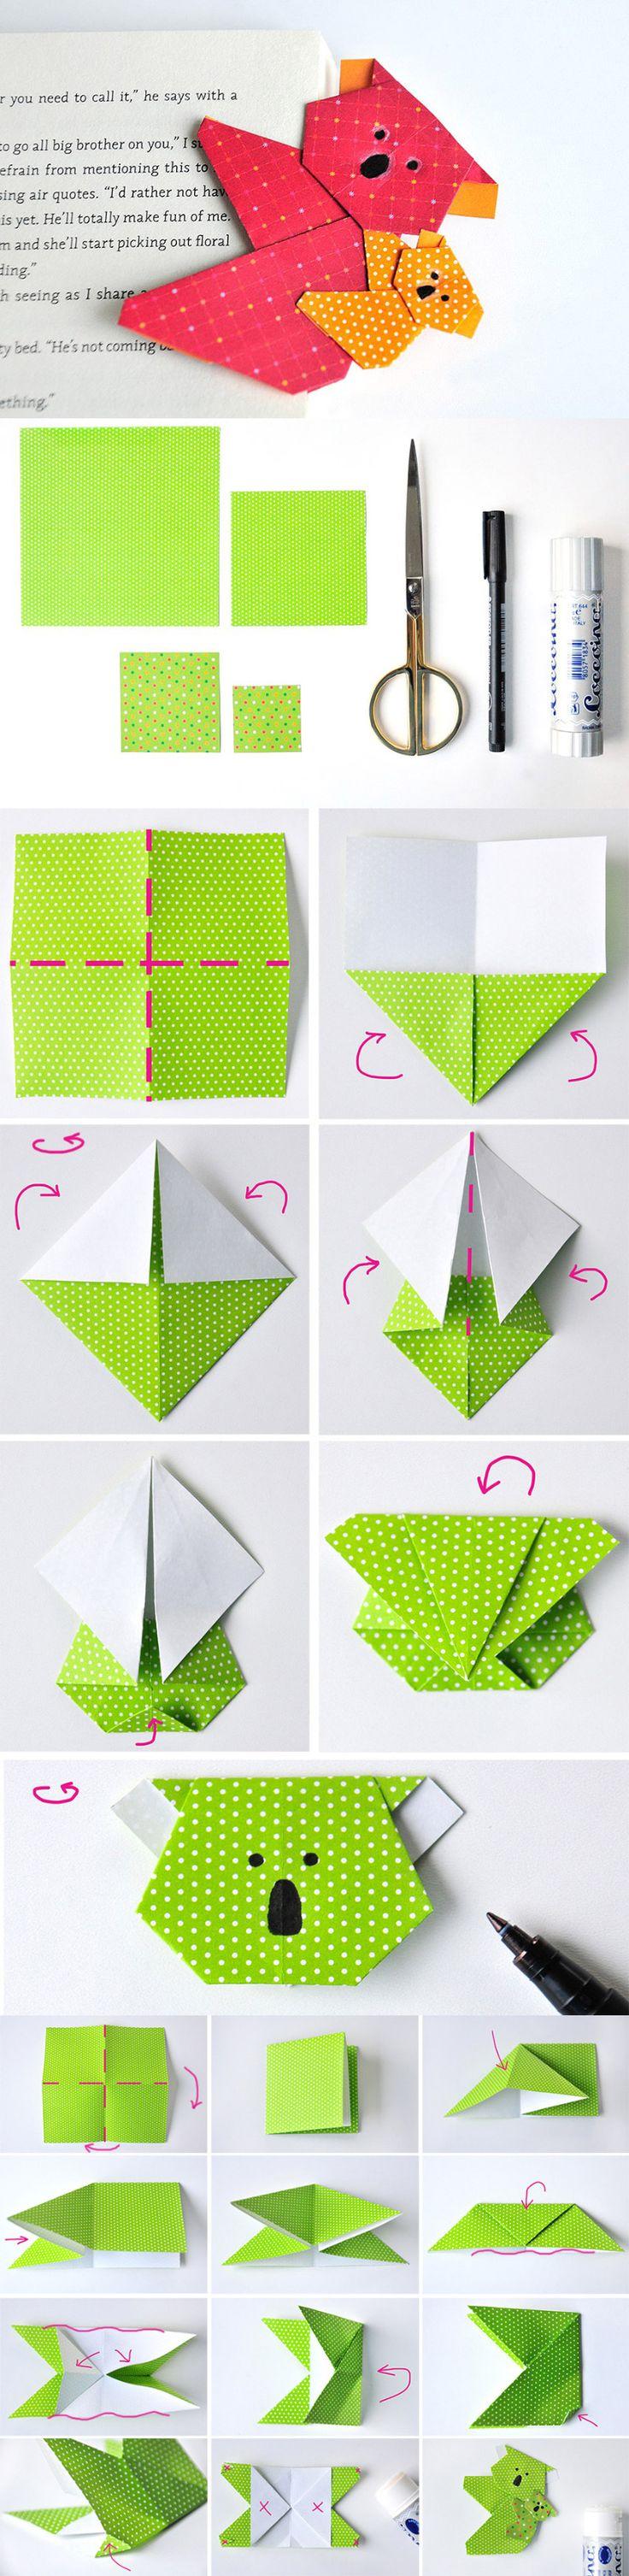 Origami-Lesezeichen basteln